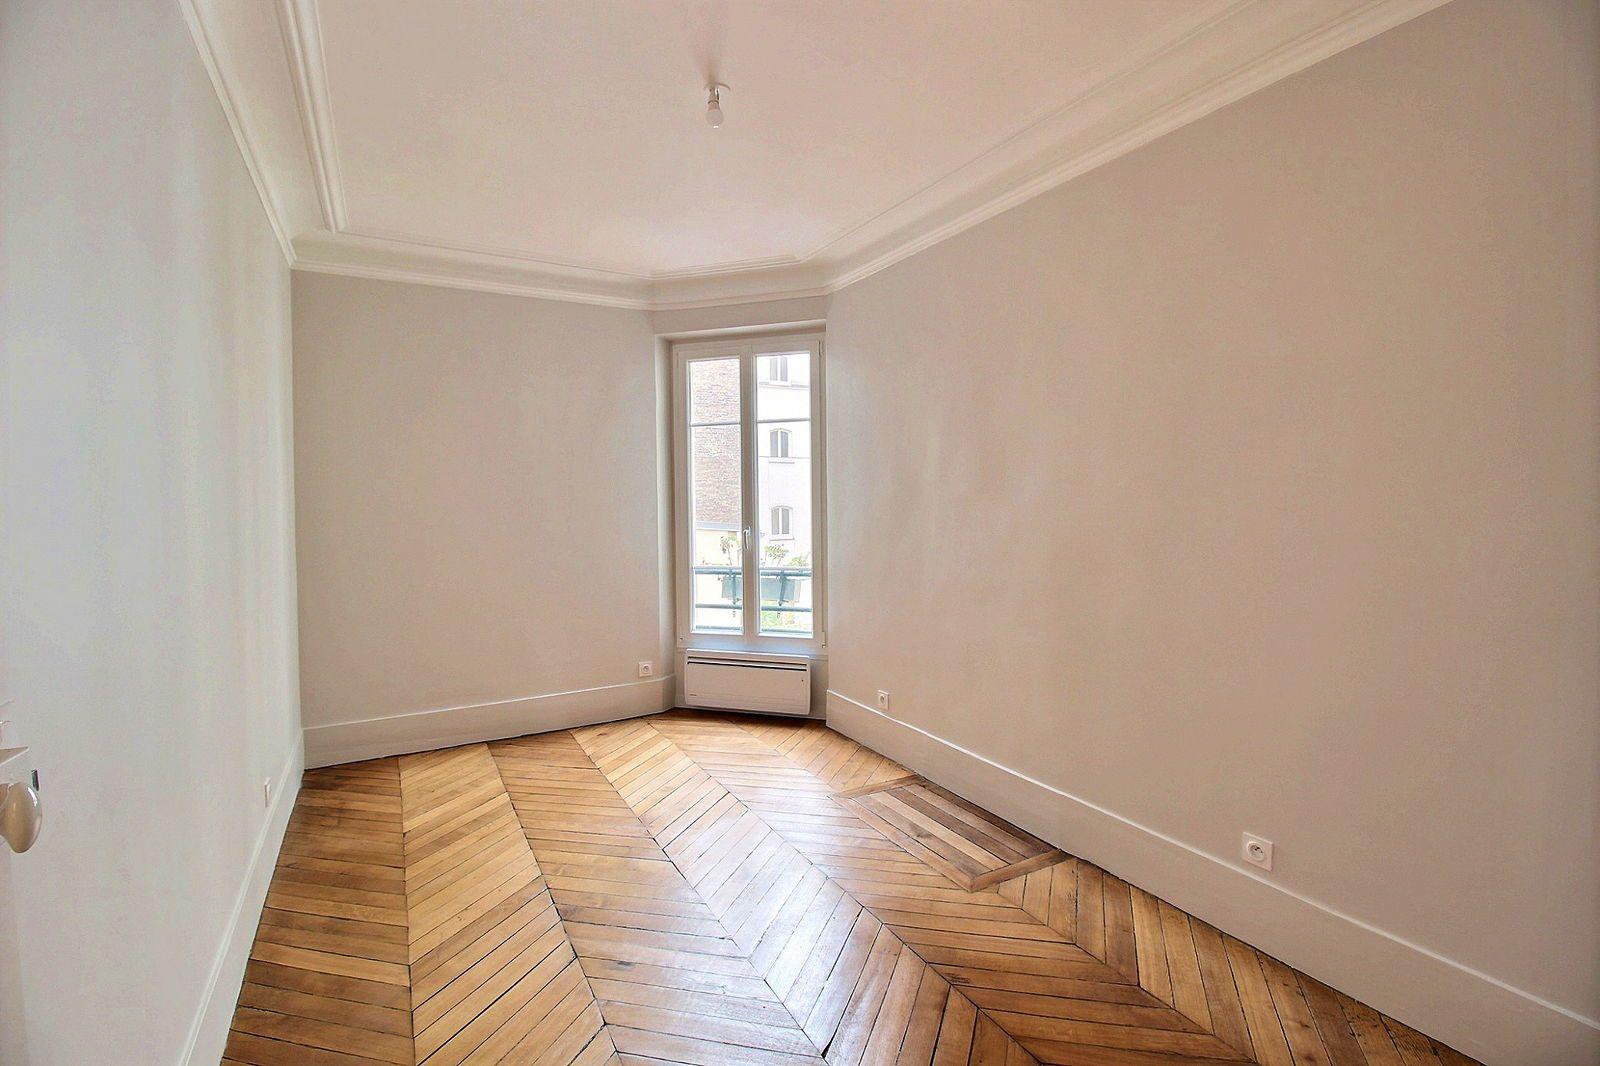 Vends Appartement 3pièces - Levallois Perret (92300) - 50m²